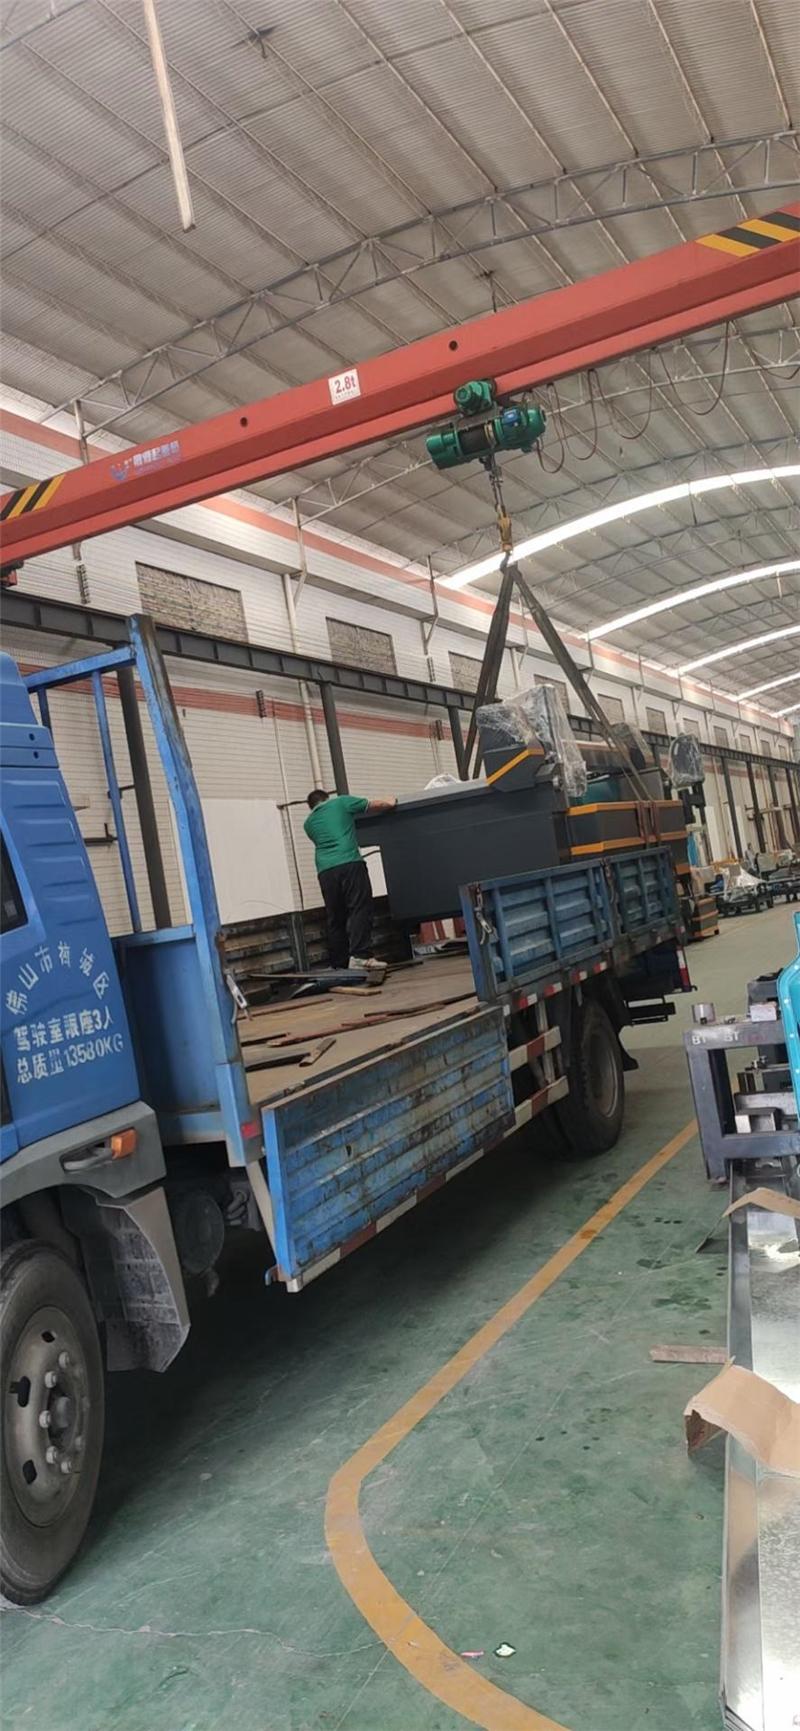 2019年5月份,BT-3020五軸水刀整套設備等發往廣東揭陽